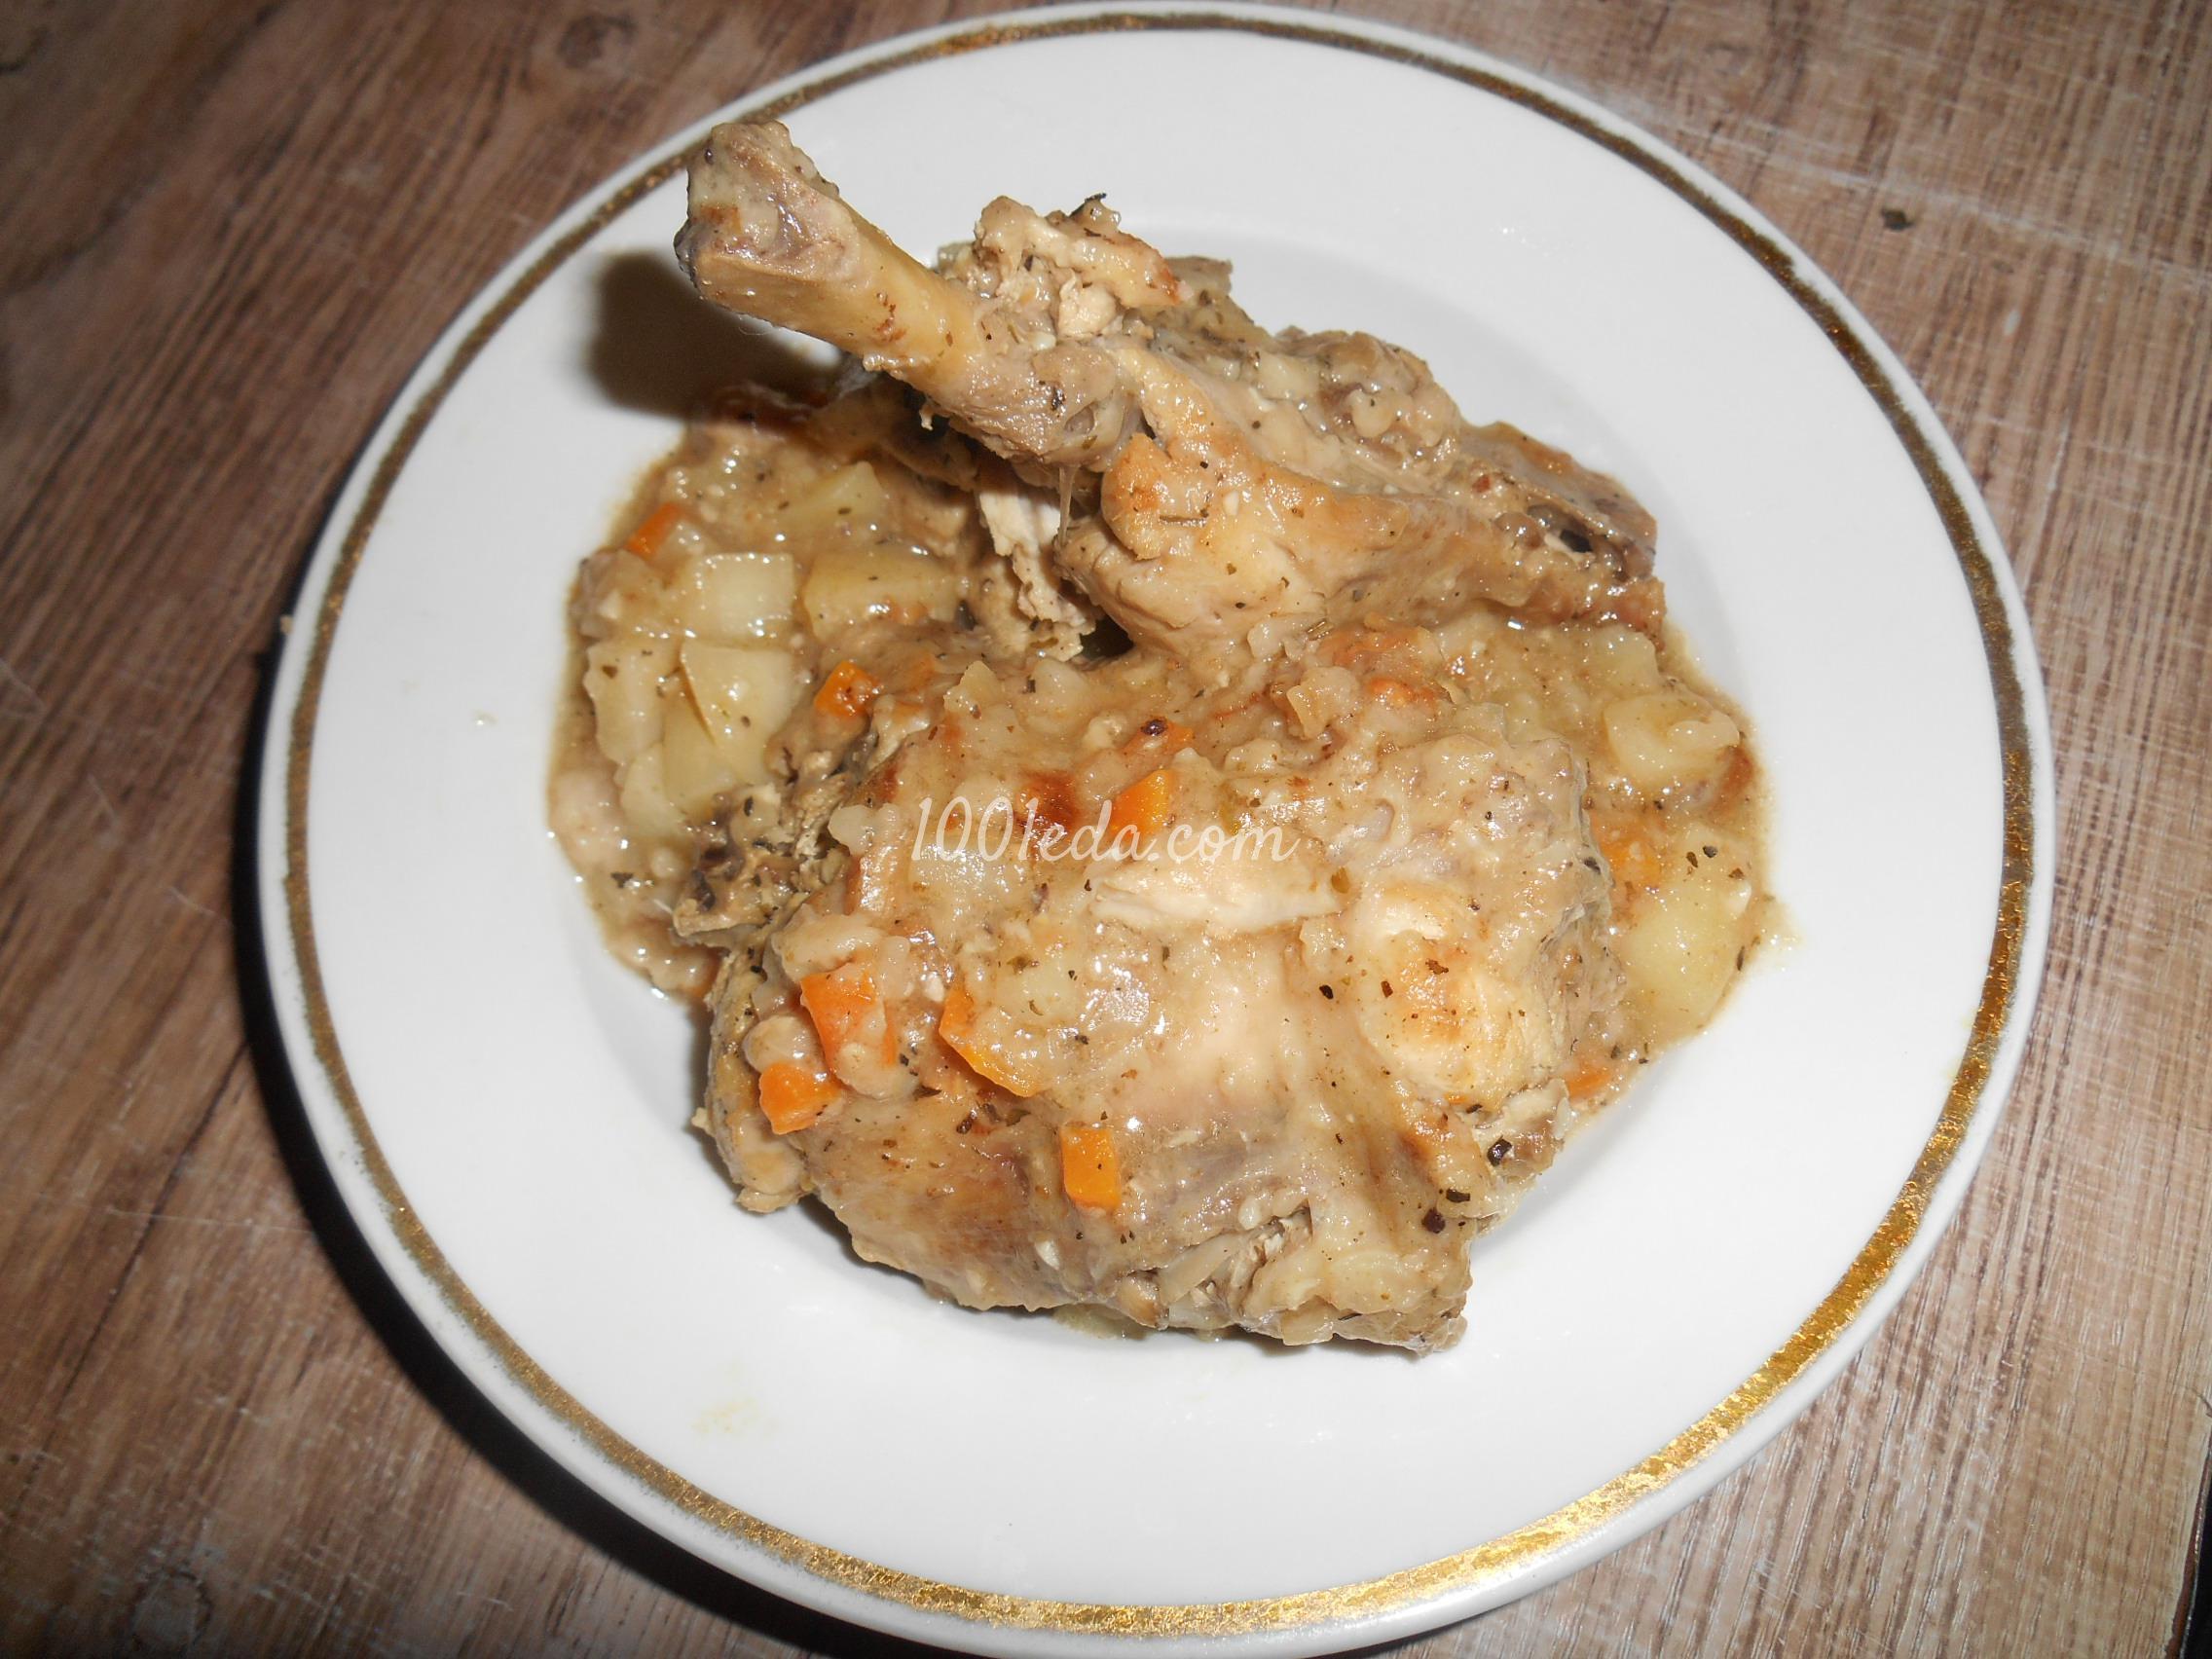 Кролик тушеный с картофелем фото рецепт пошаговый